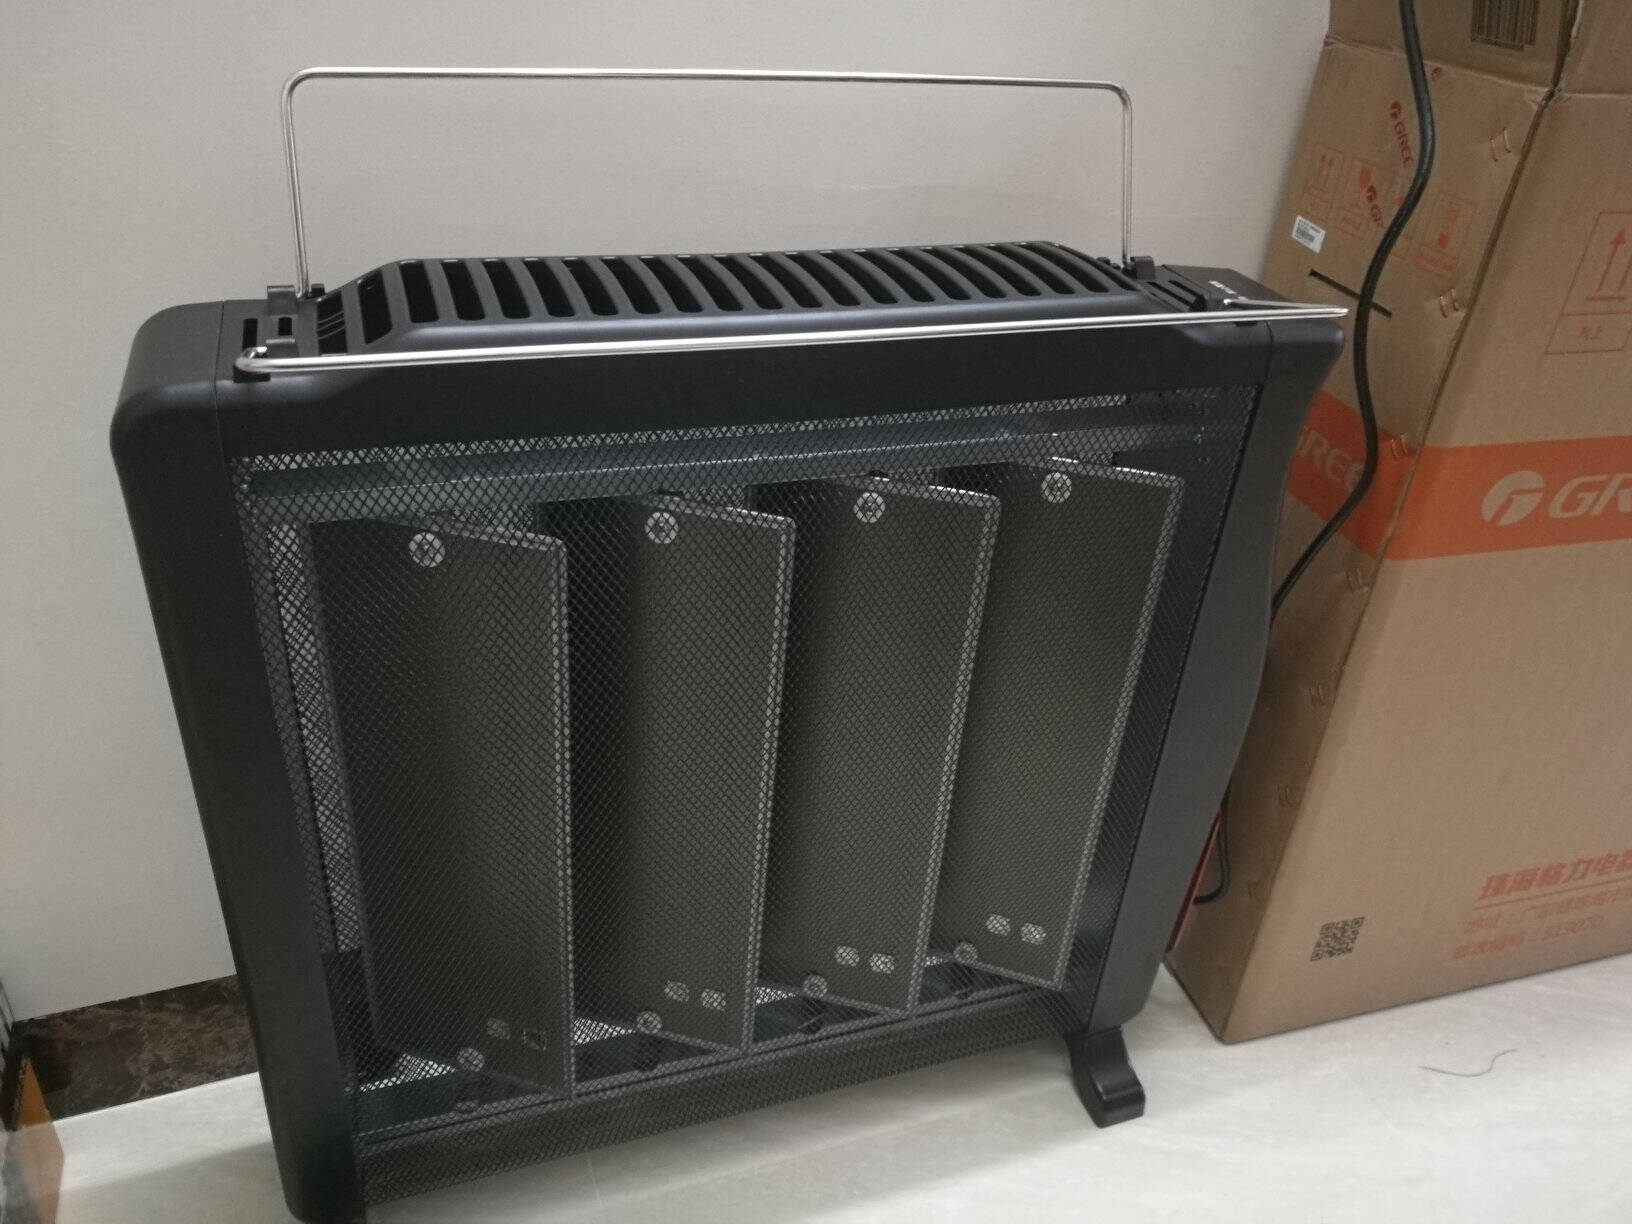 格力(GREE)家用移动节能暖风机电暖器静音电暖气片浴室欧式无光宝宝婴儿防烫电热膜速热加湿取暖器格力NDYE-X6021